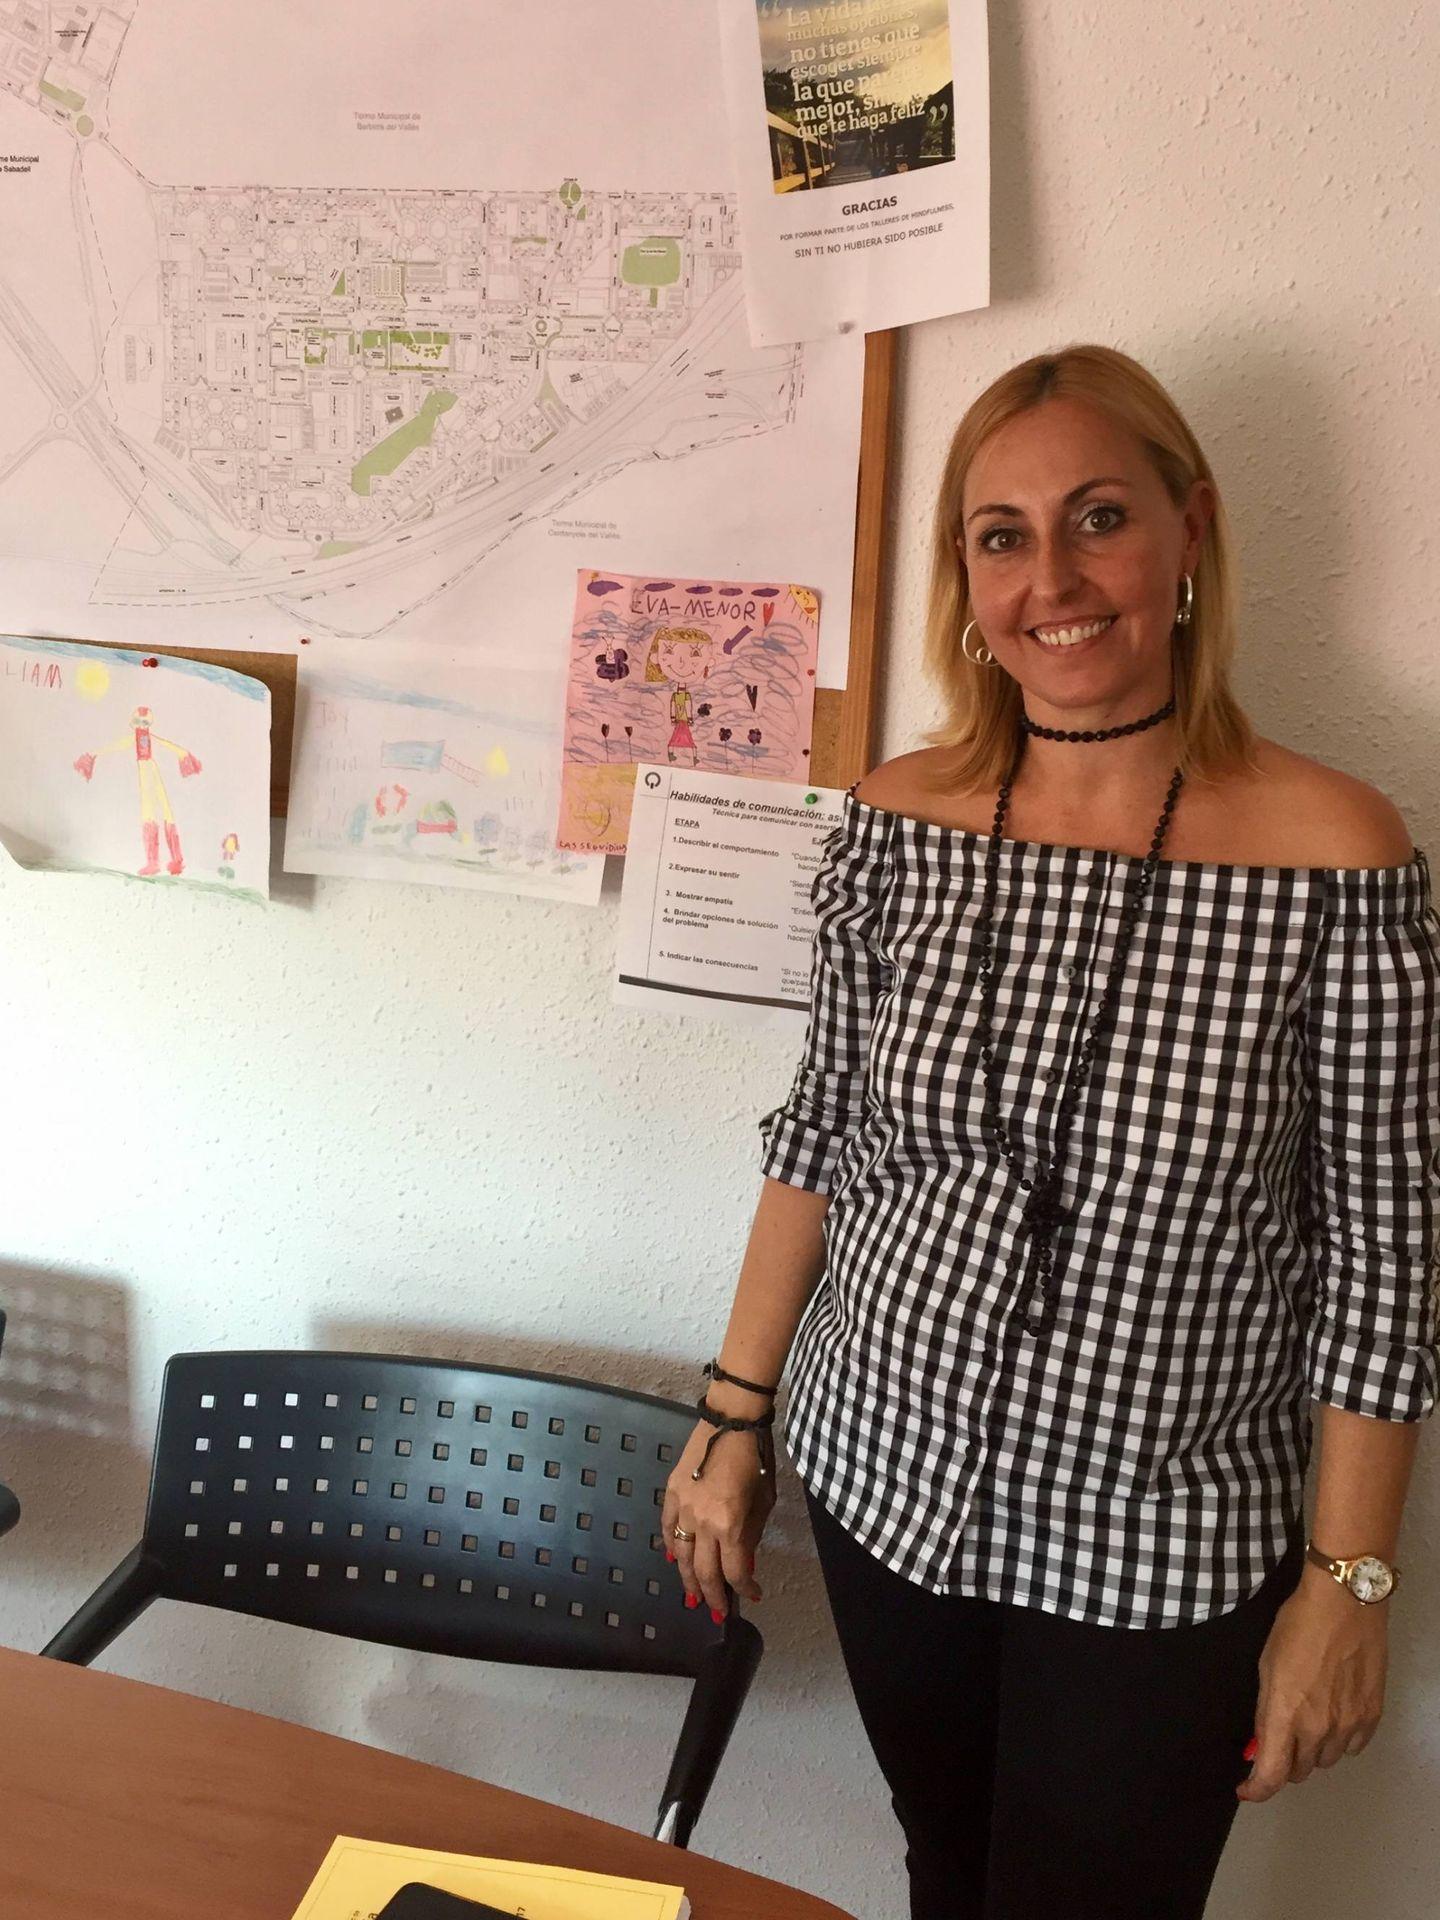 Eva Menor, alcaldesa de Badia, del PSC, este 29 de septiembre, con el mapa de la localidad a su derecha. (J. R.)